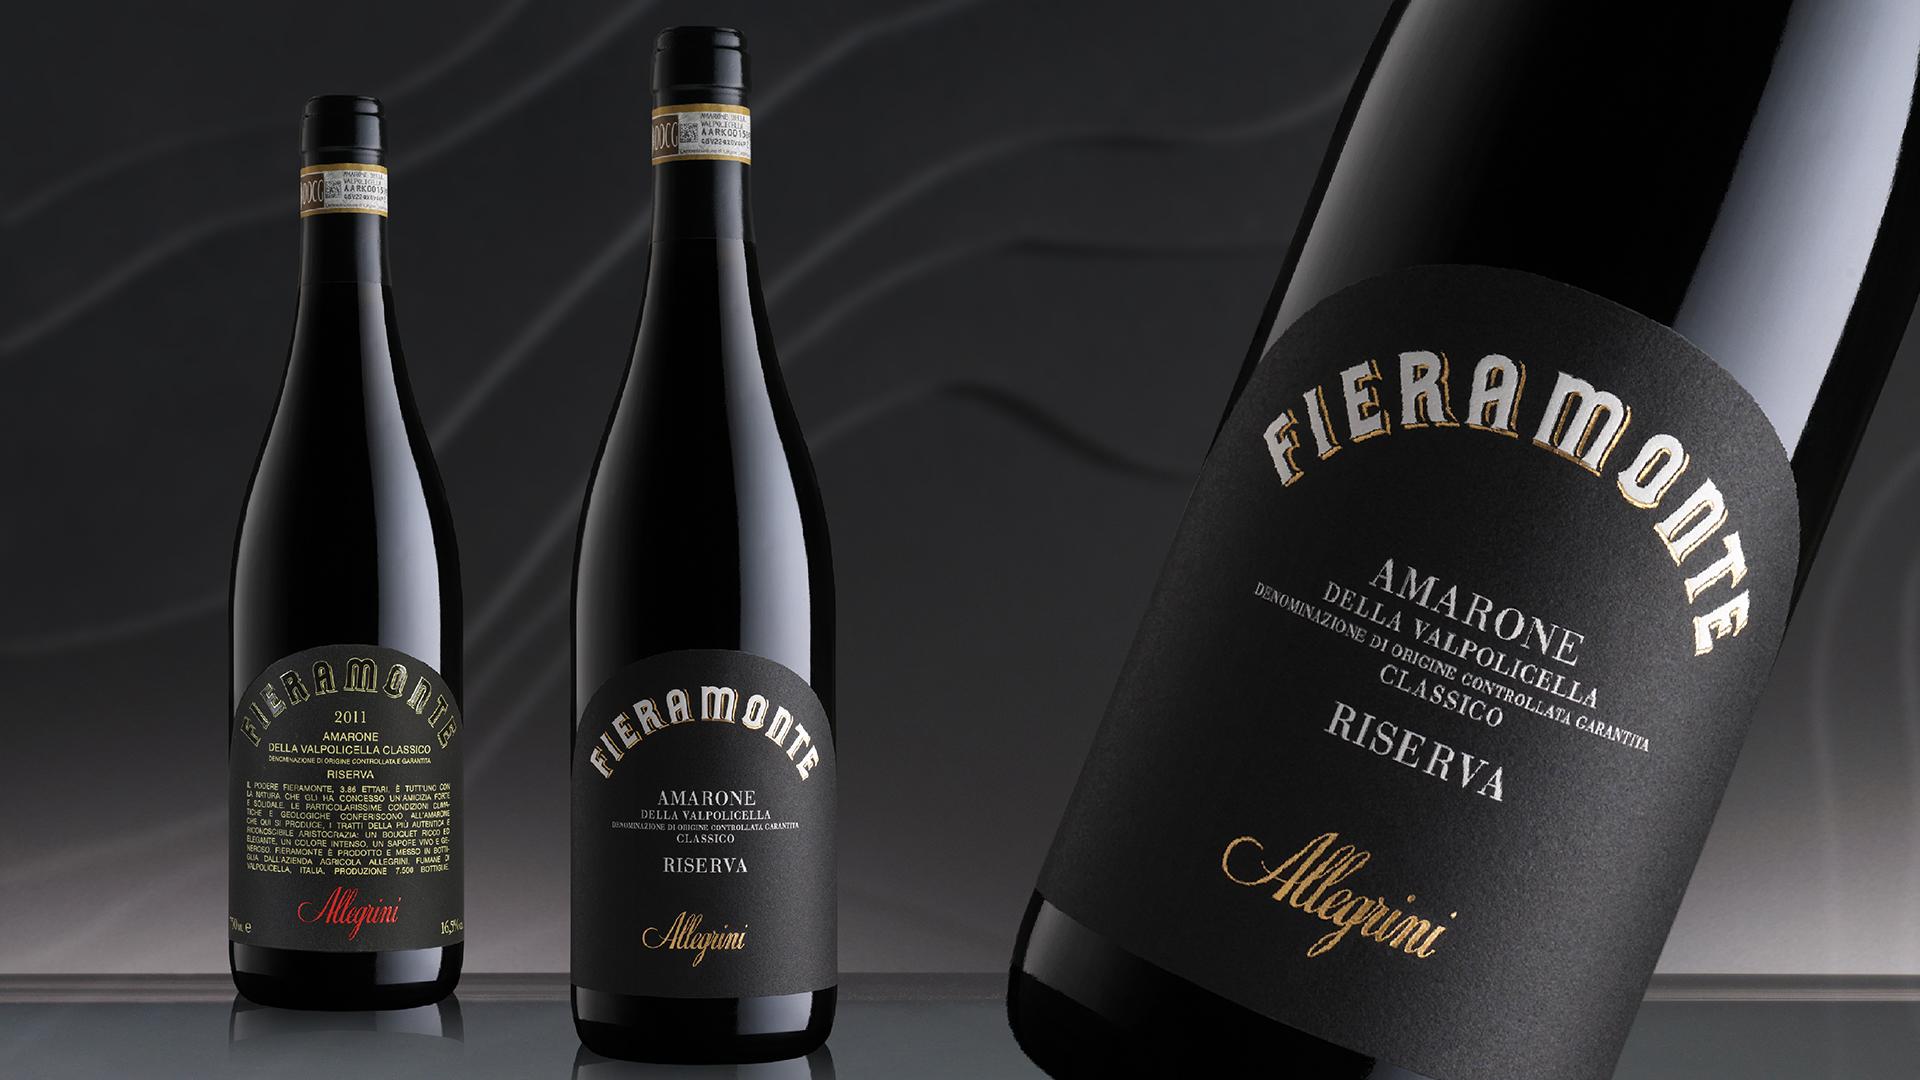 Allegrini Fieramonte restyling